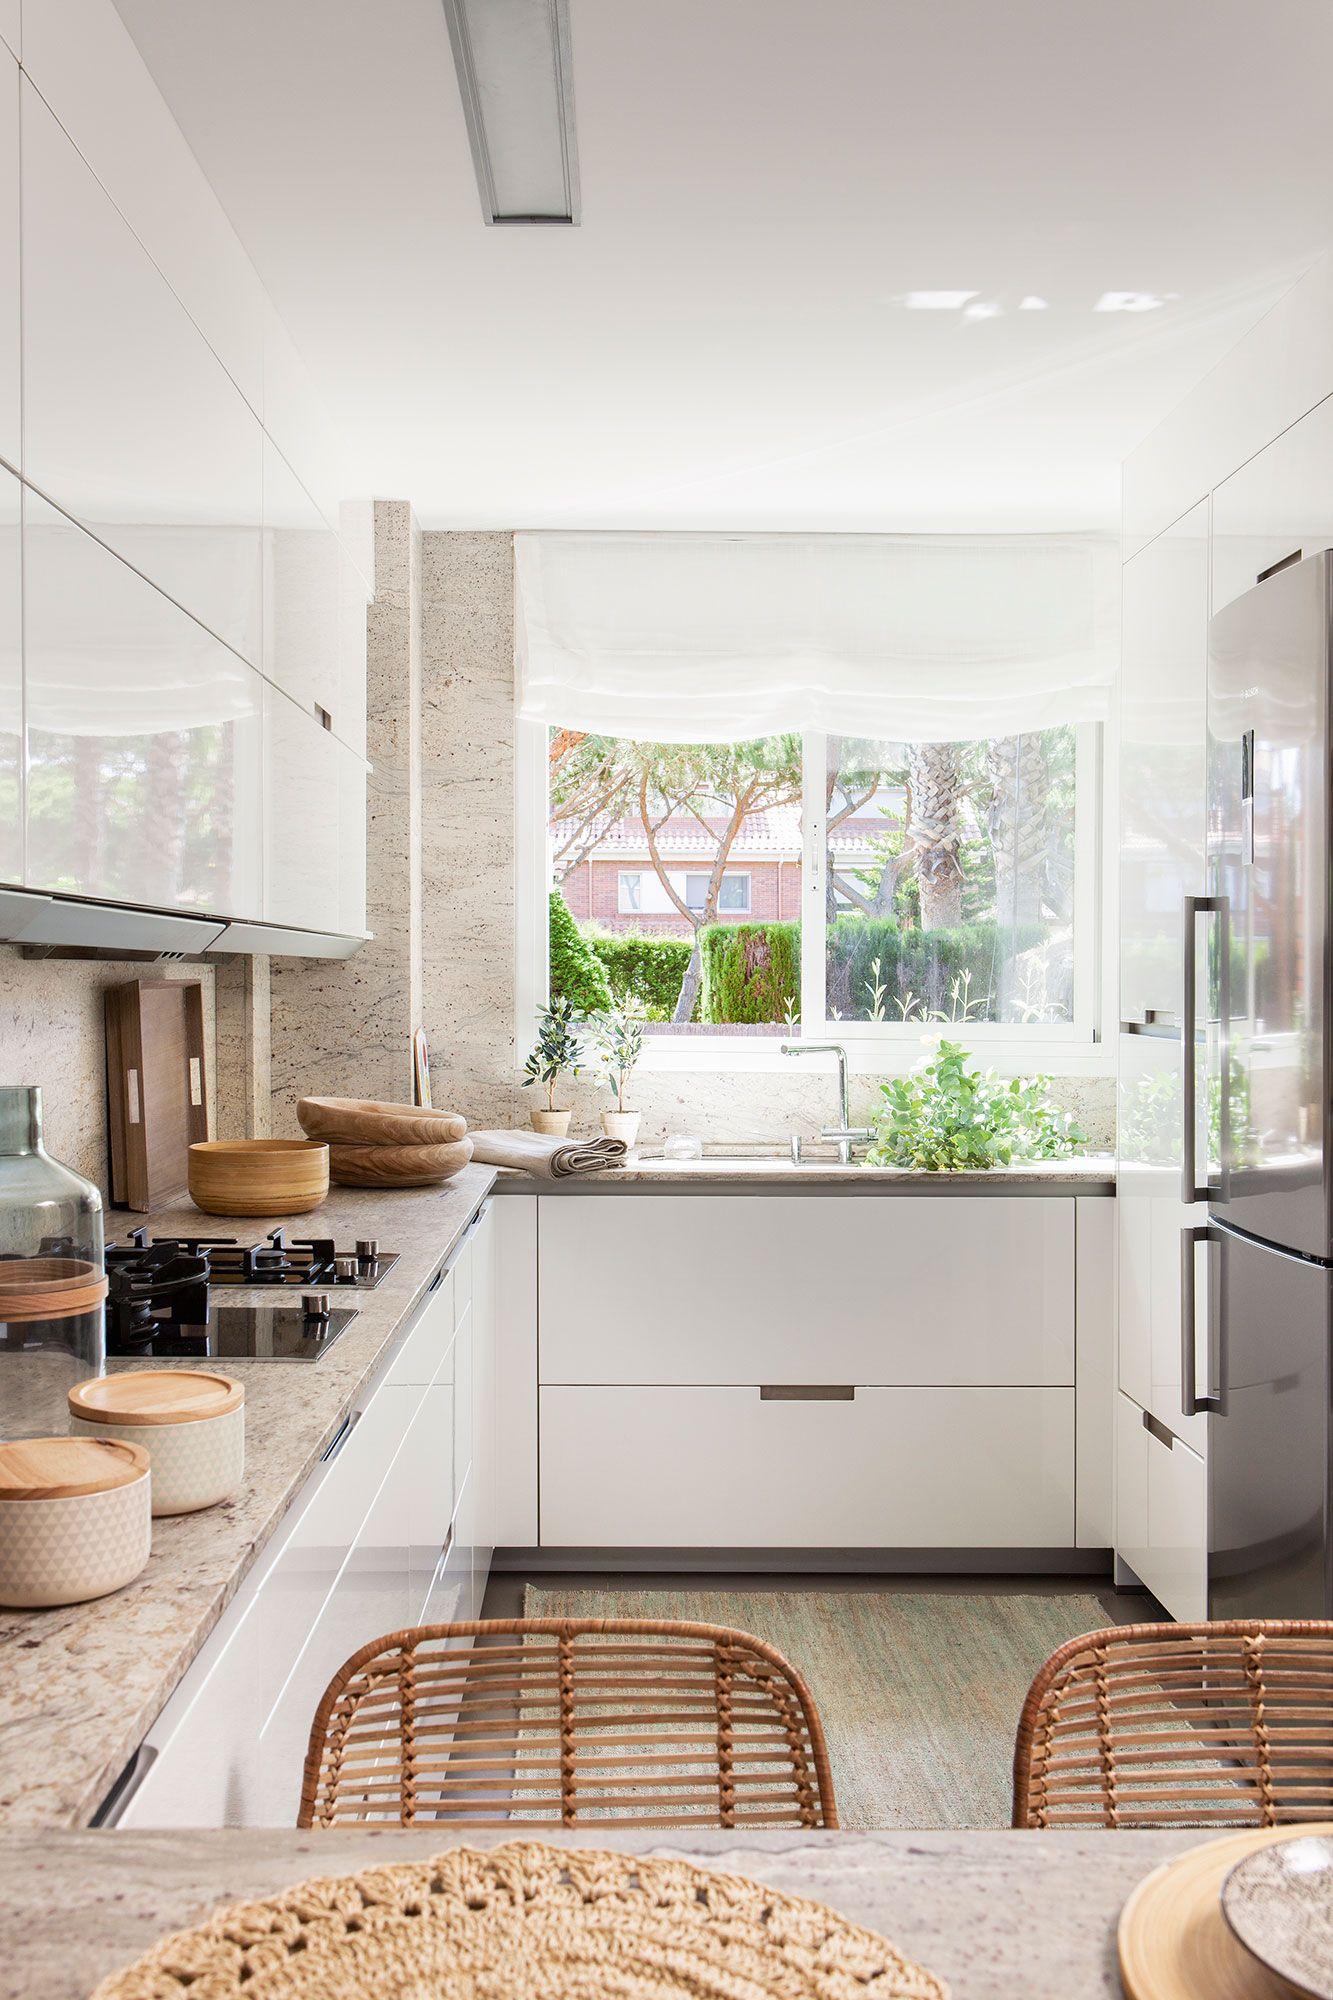 Hasta al techo cocina pinterest kitchen patio for Encimera de cocina lacada en blanco negro